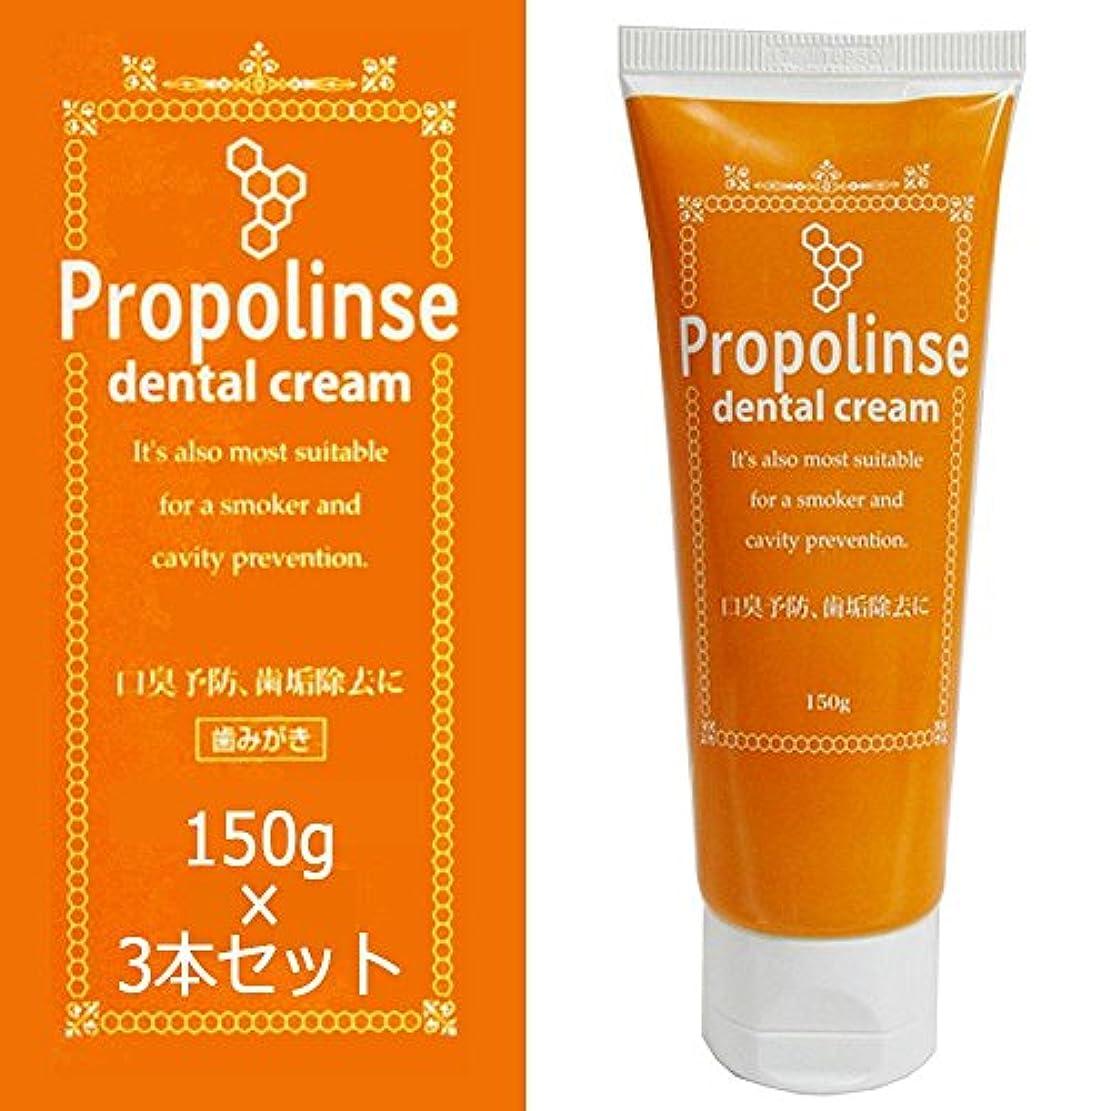 光沢まっすぐにする協同プロポリンス デンタルクリーム(歯みがき) 150g×3個セット